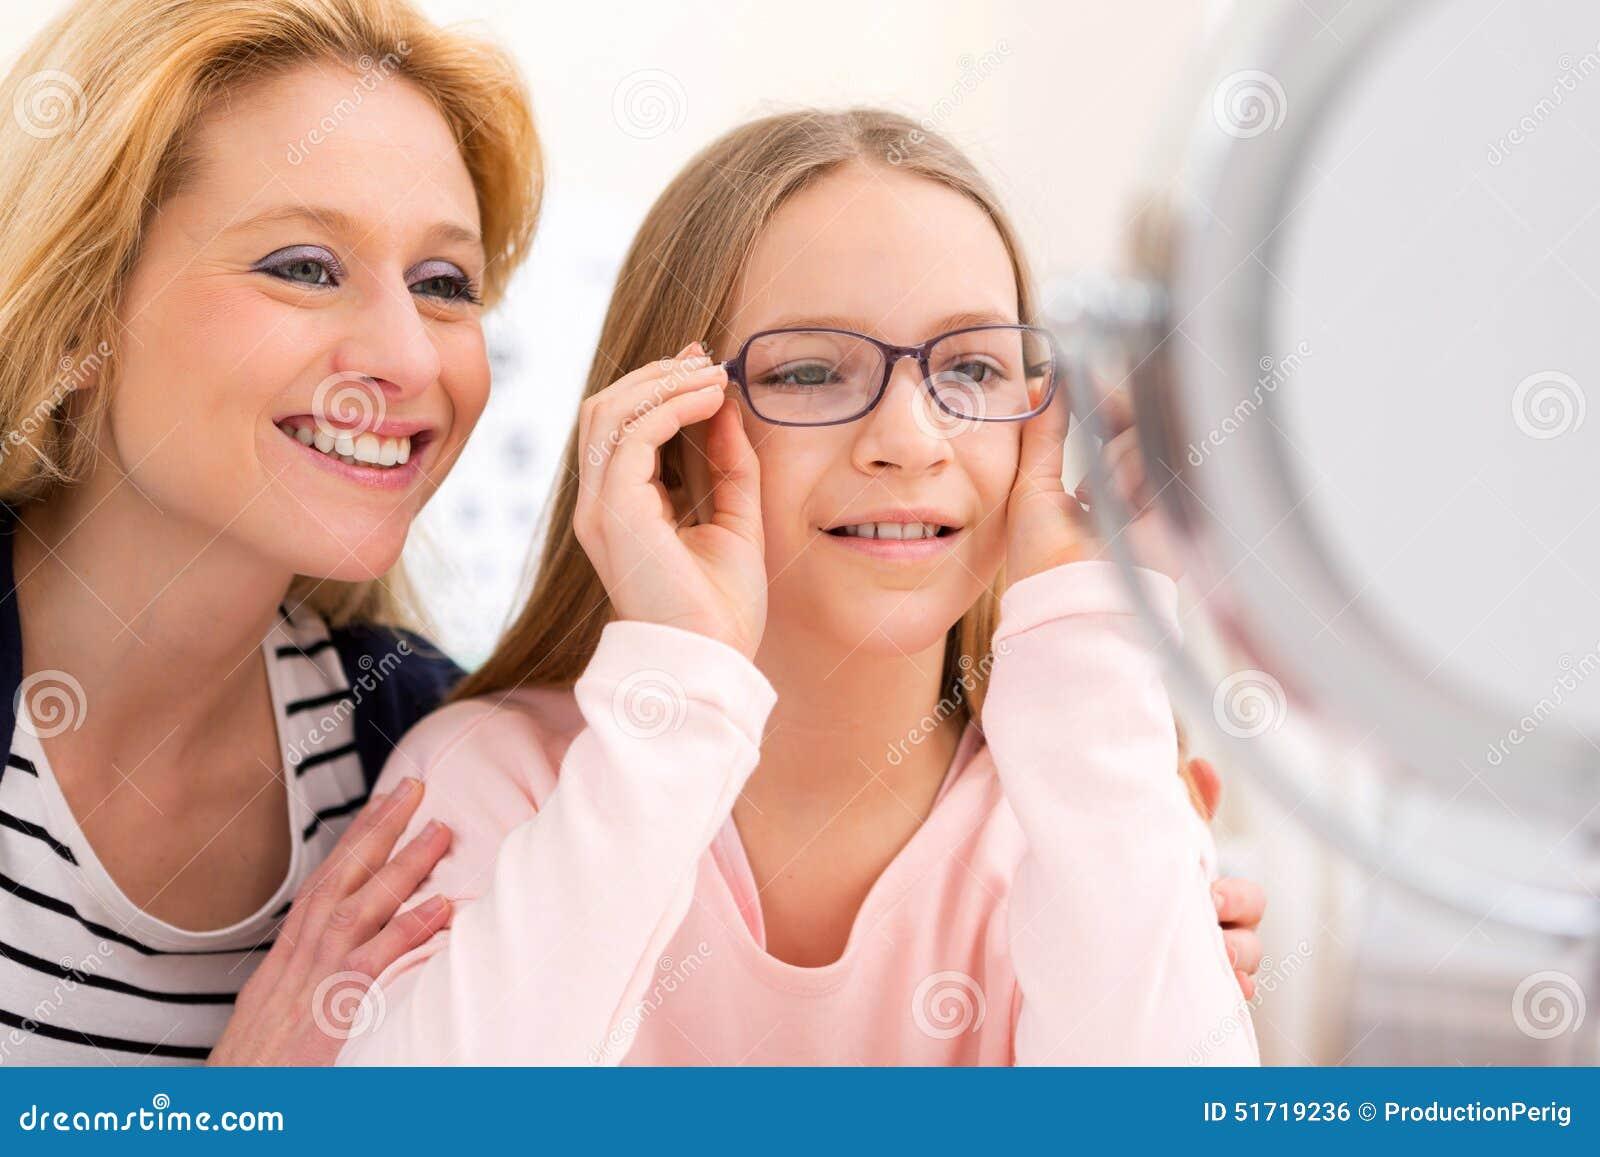 Jong meisje die glazen proberen bij de opticien w haar moeder